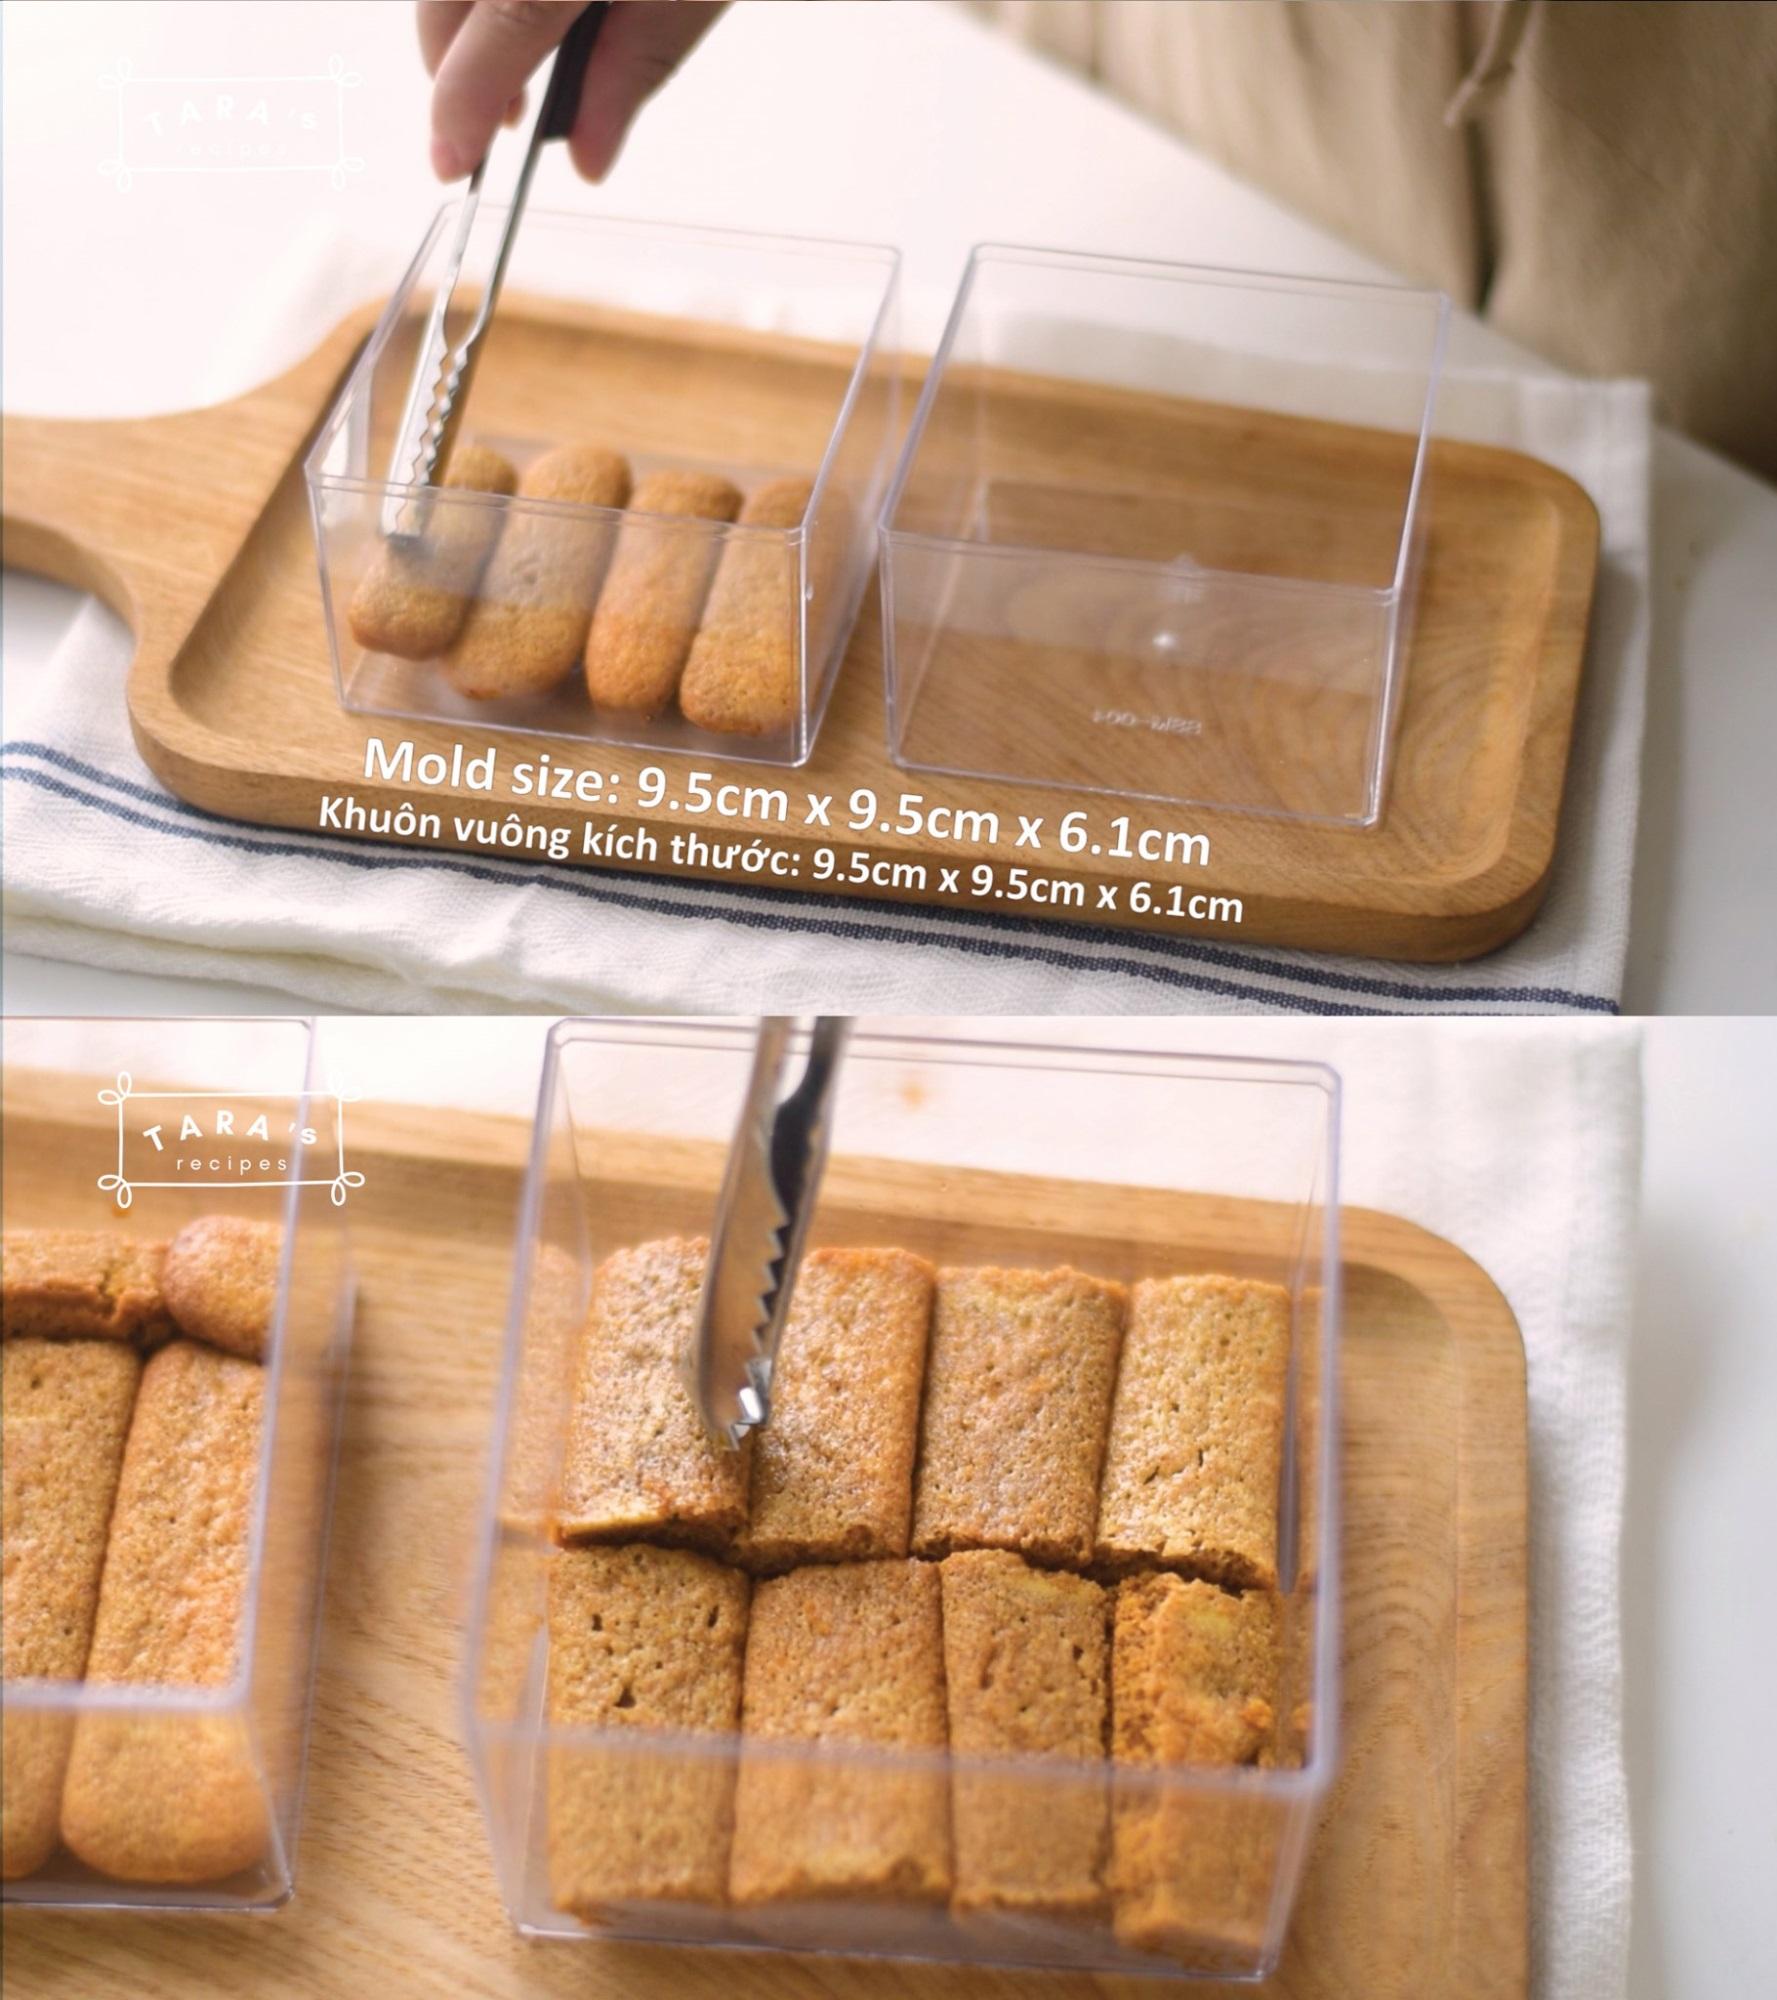 Cách làm bánh Tiramisu 'siêu tốc' - không cần lò nướng, không cần máy đánh trứng, không trứng gà - Ảnh 6